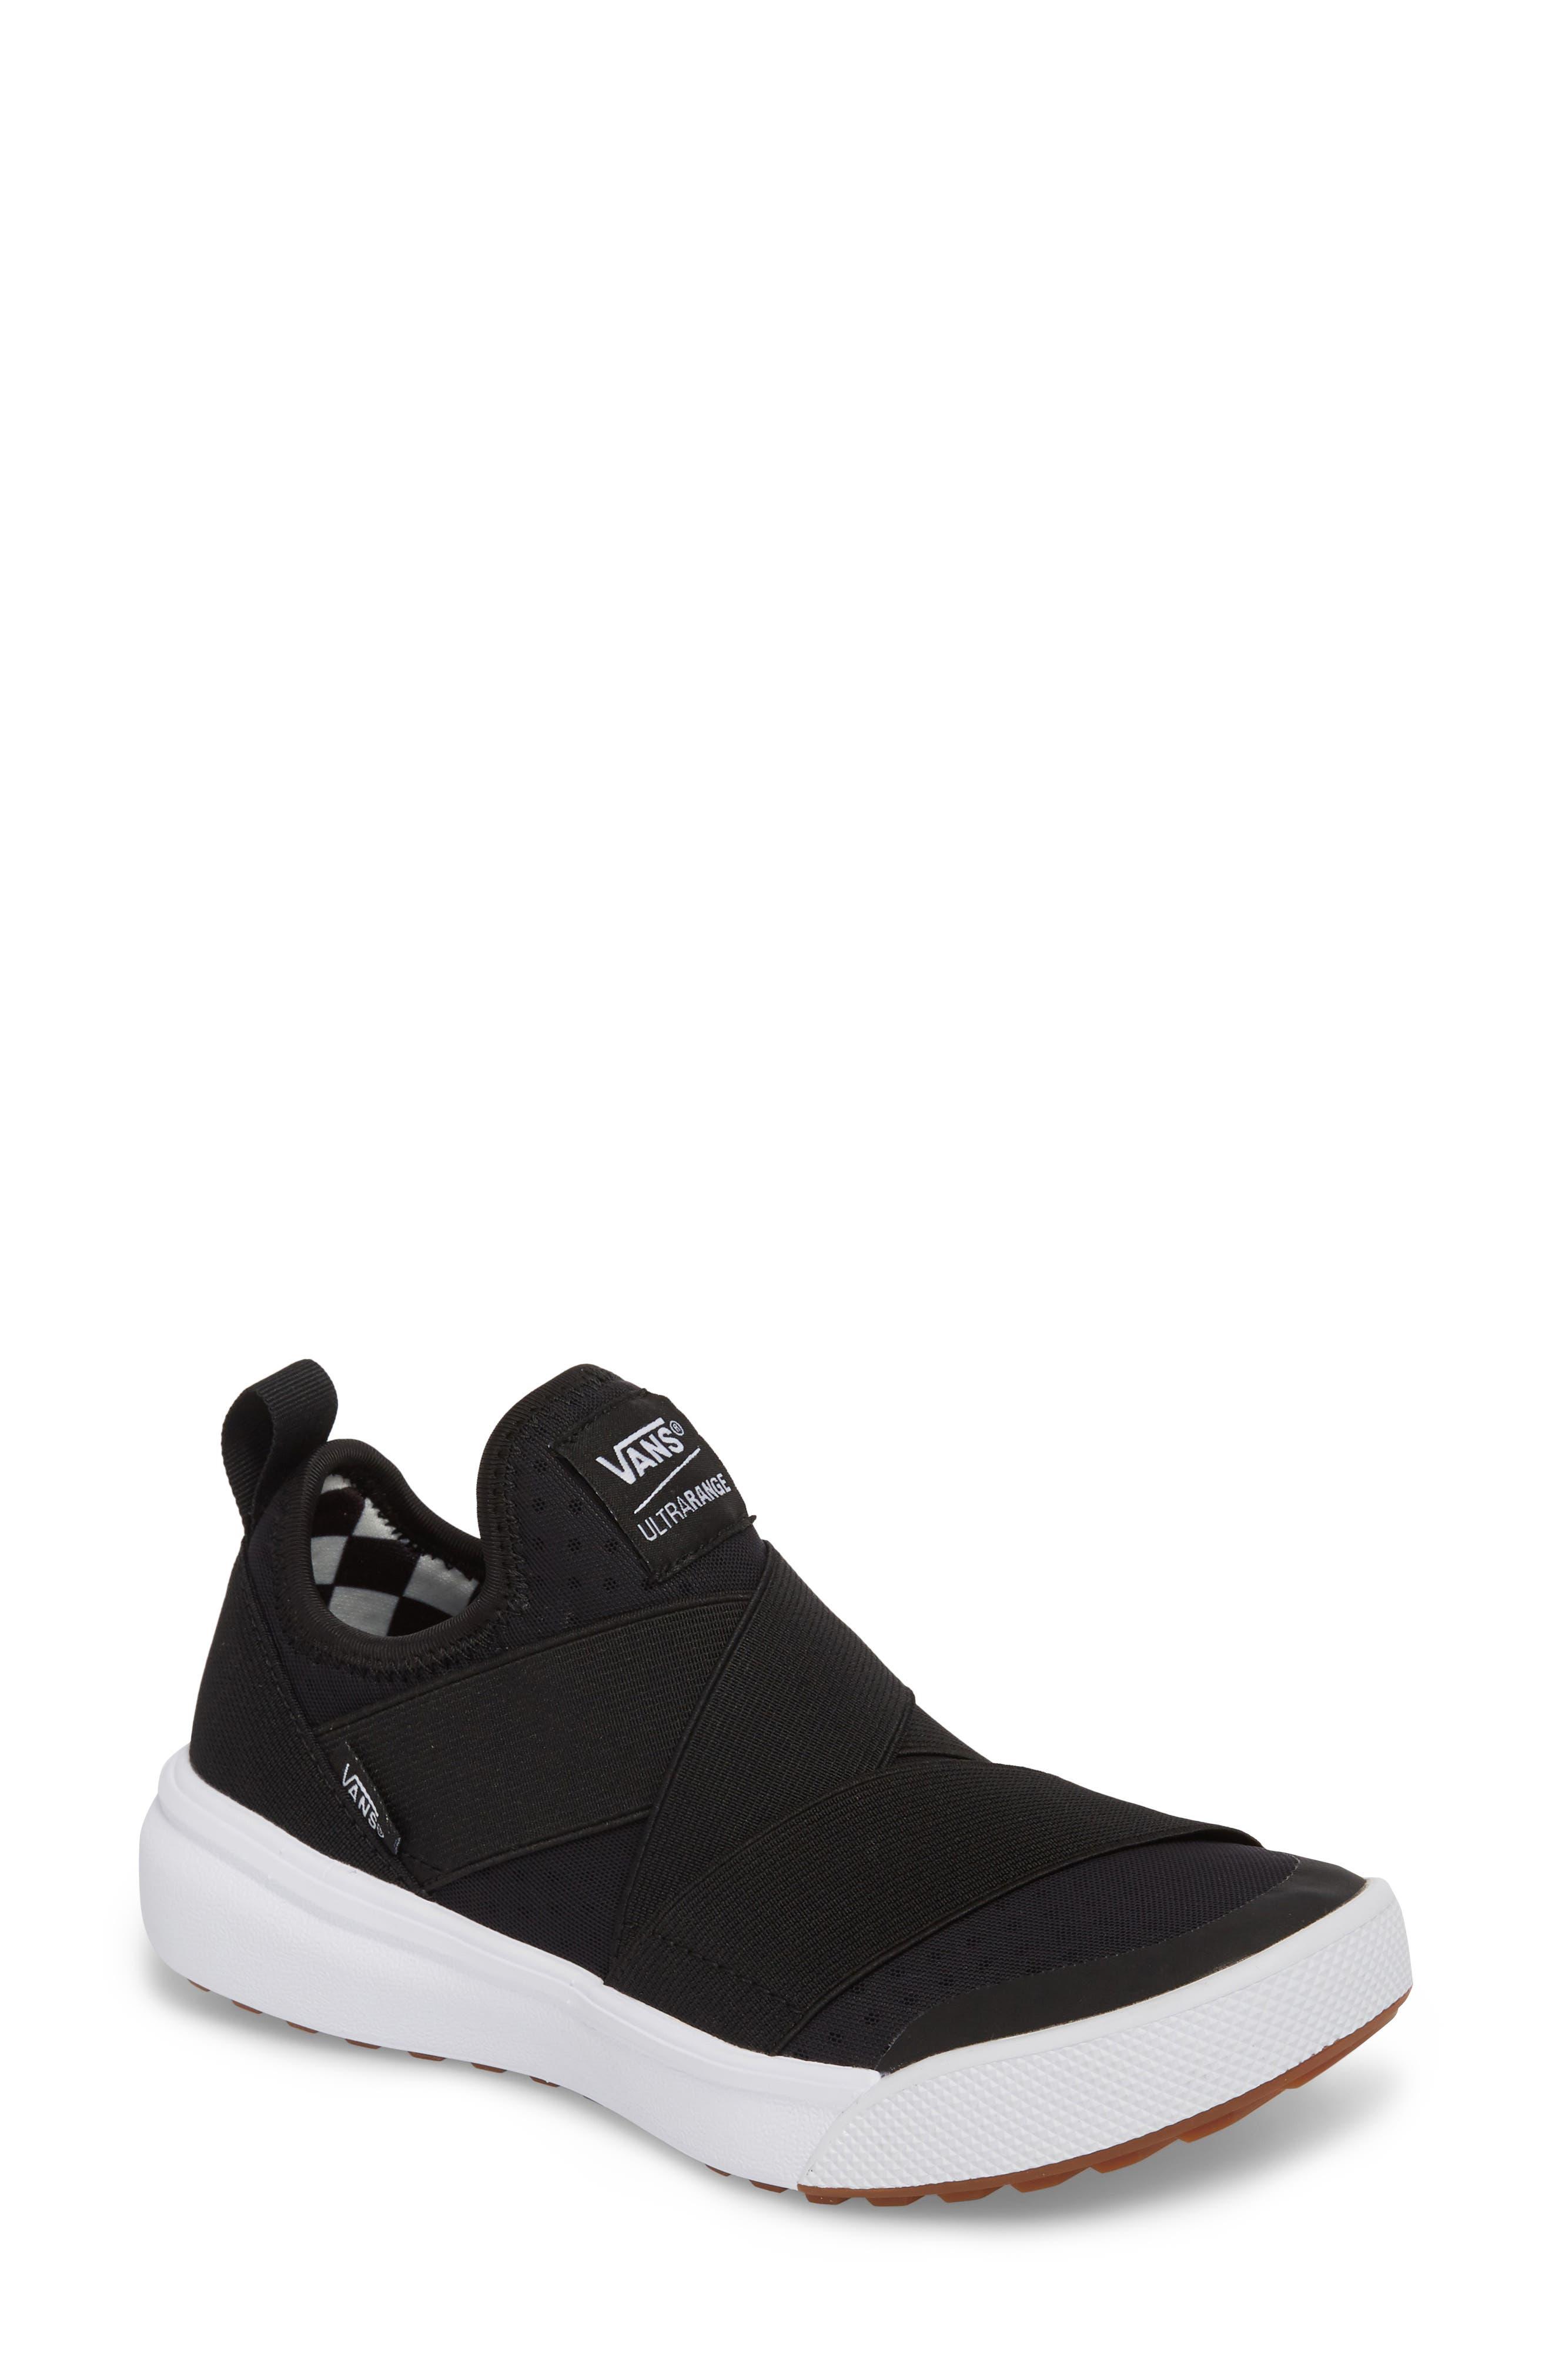 UltraRange Gore Slip-On Sneaker,                         Main,                         color, BLACK